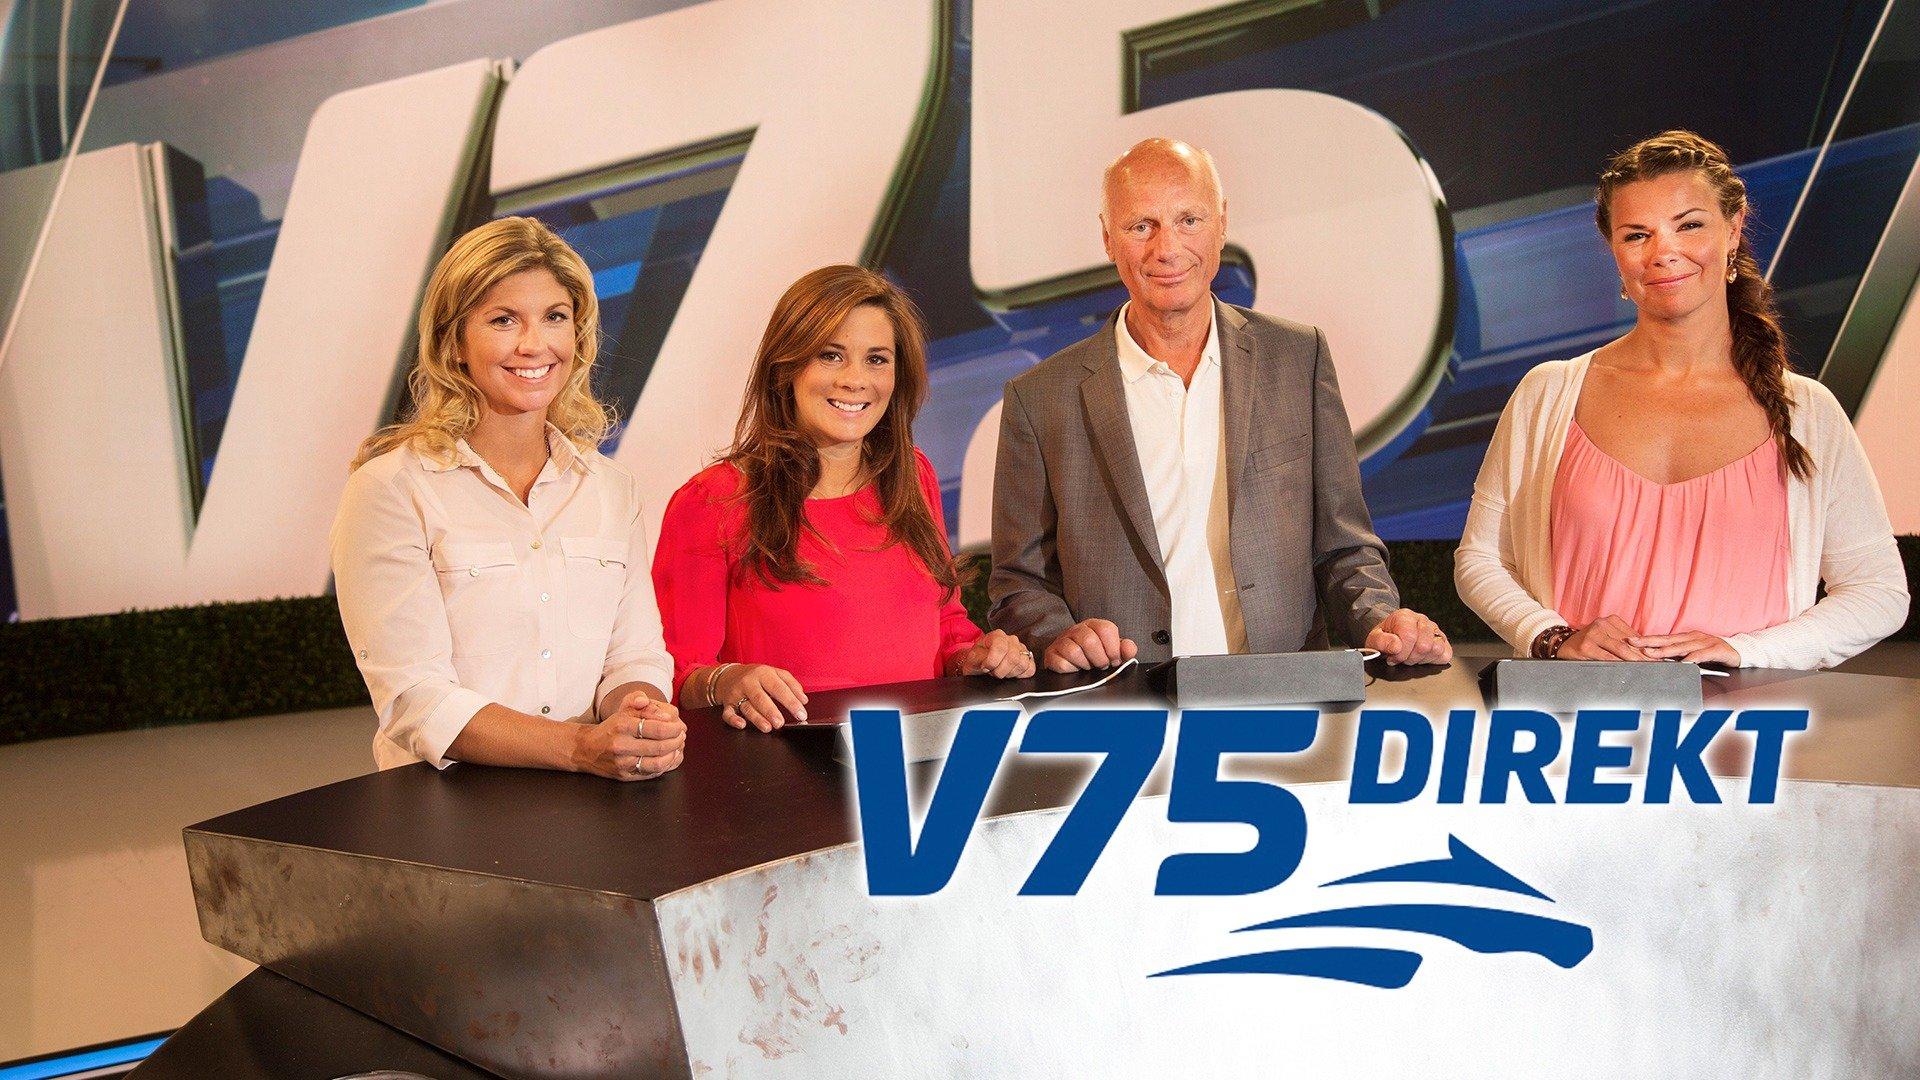 V75 direkt